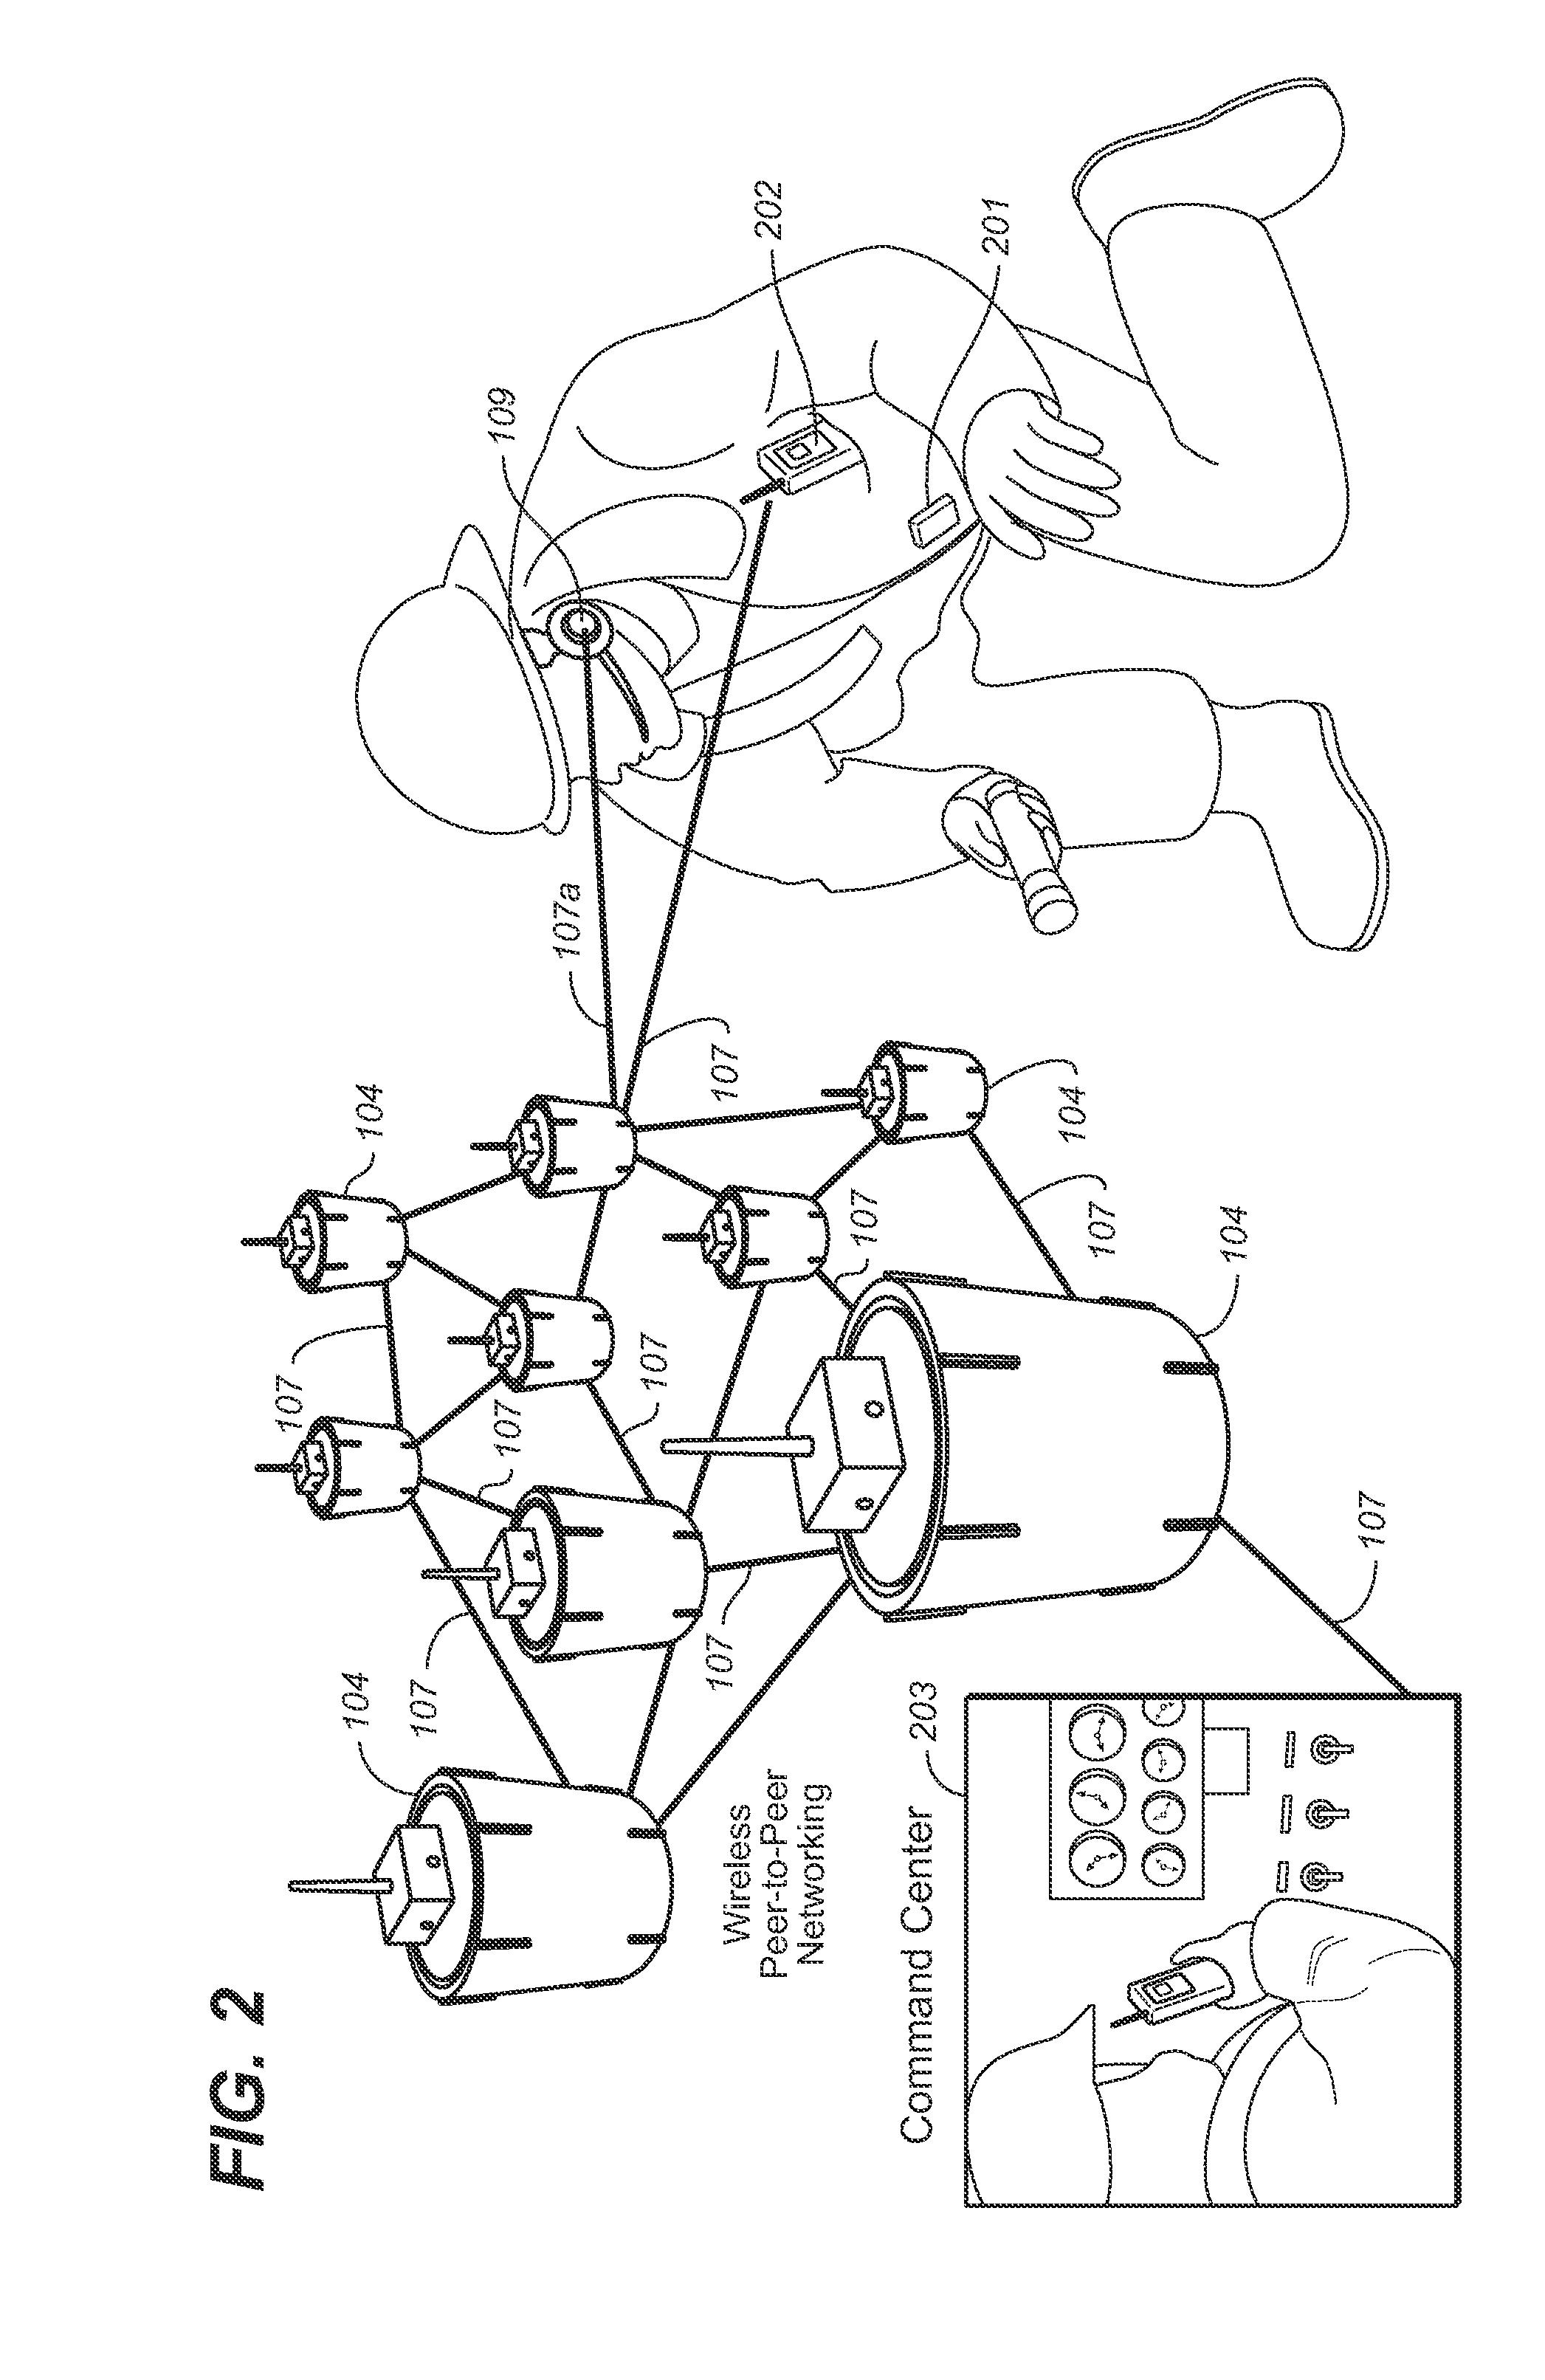 patent us20080137589